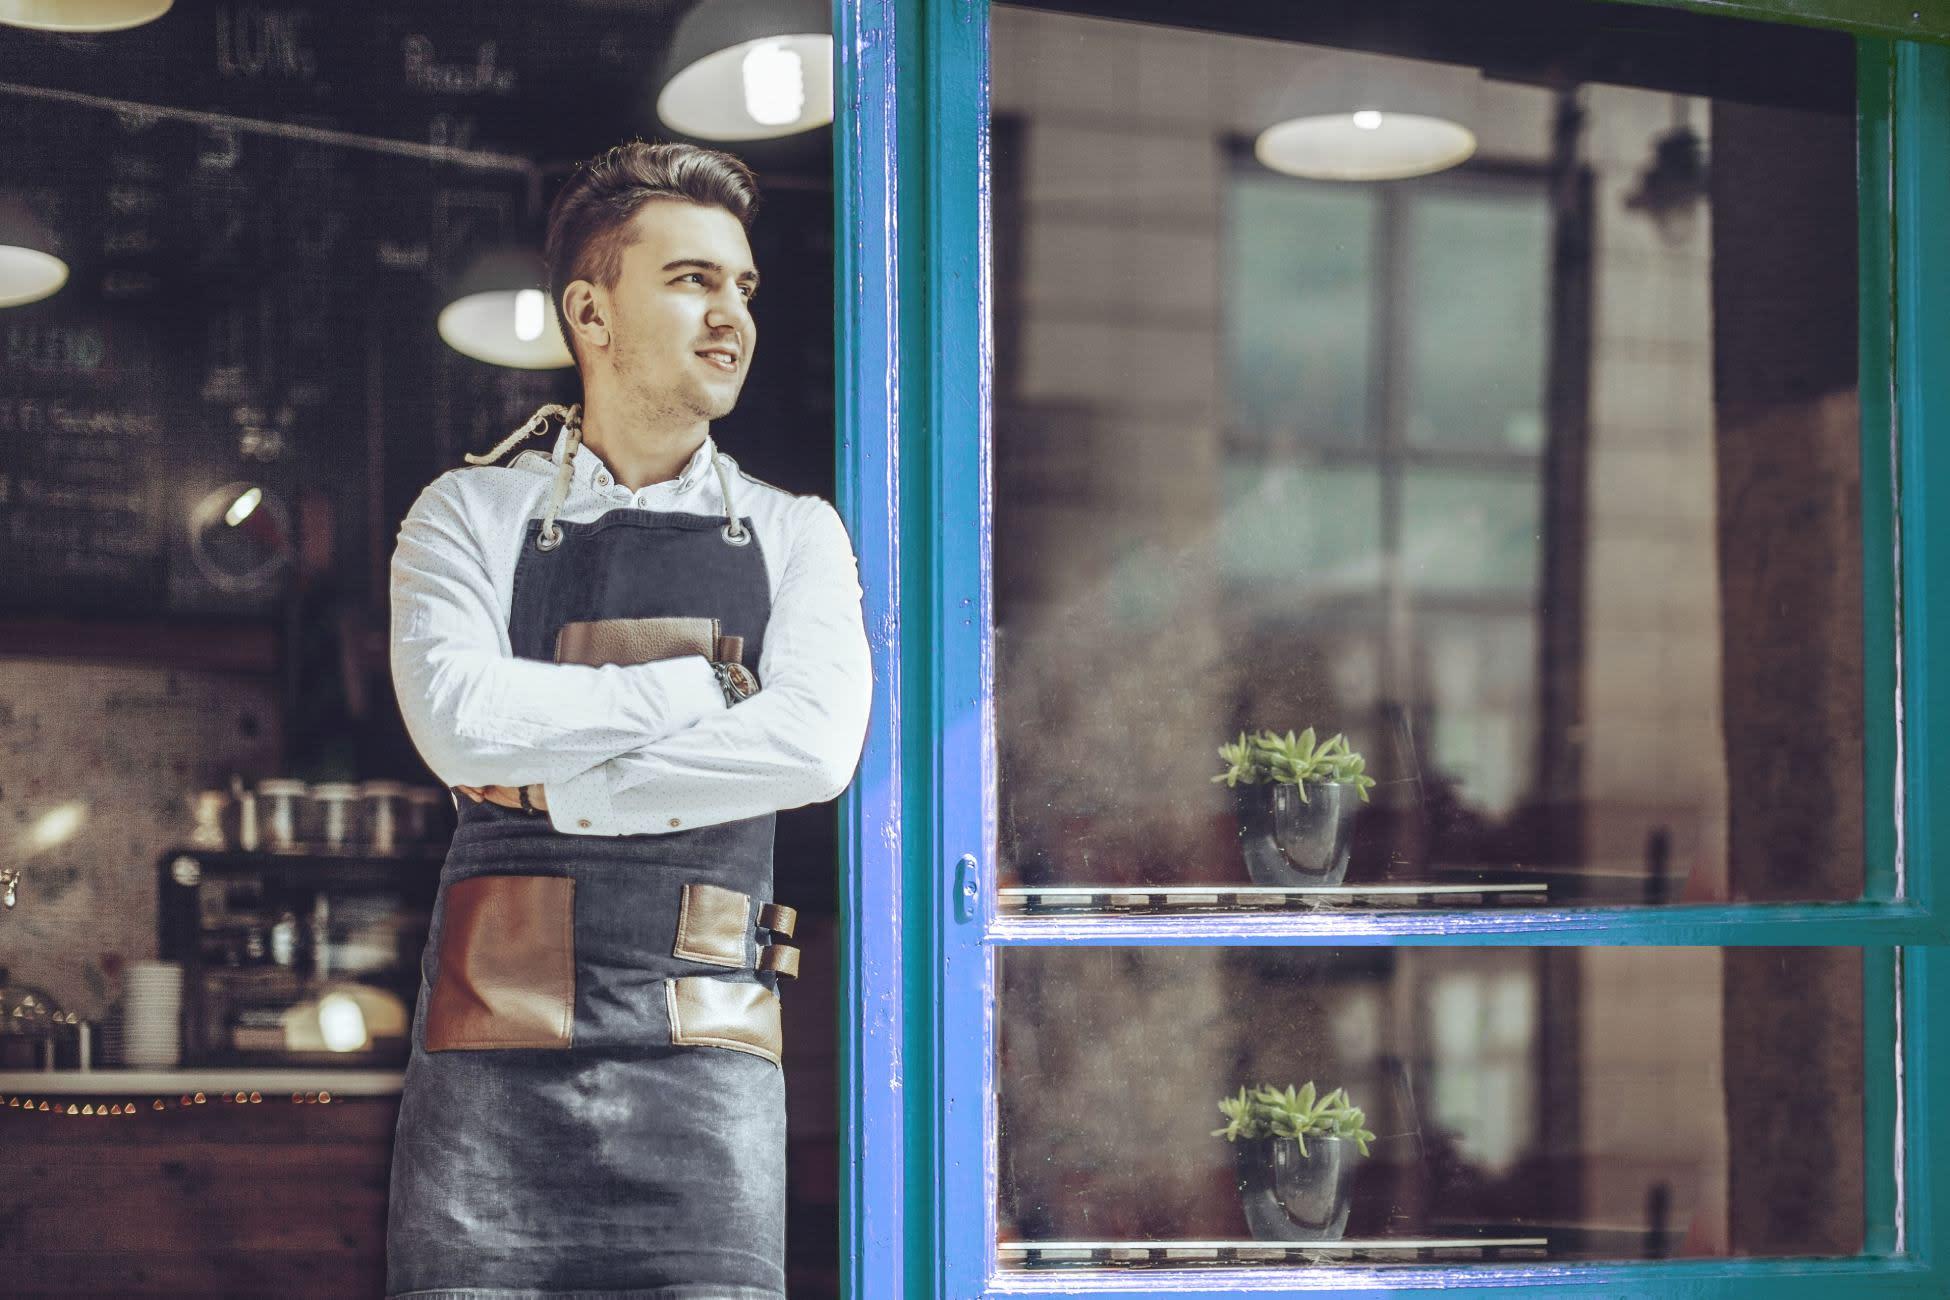 Coffee shop worker